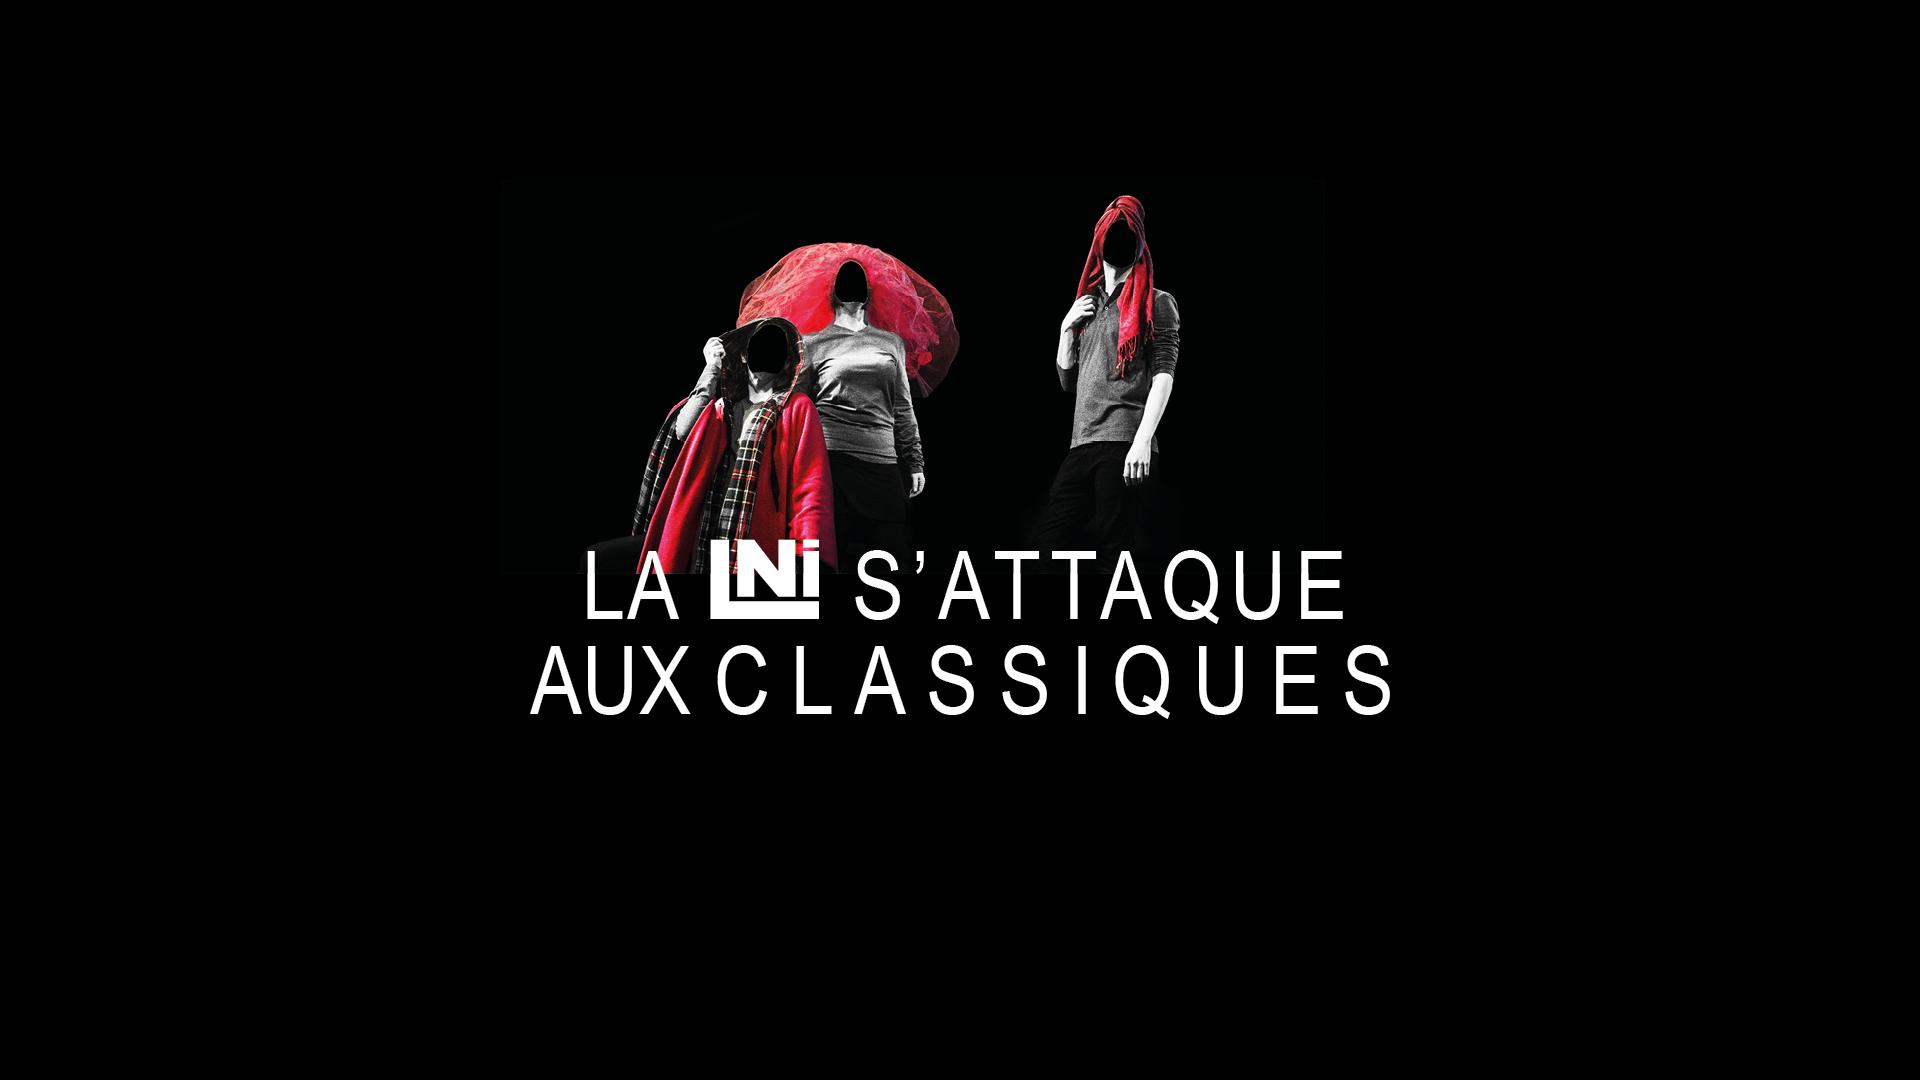 Bann EventFB LNIxClassiques EXT aut2020